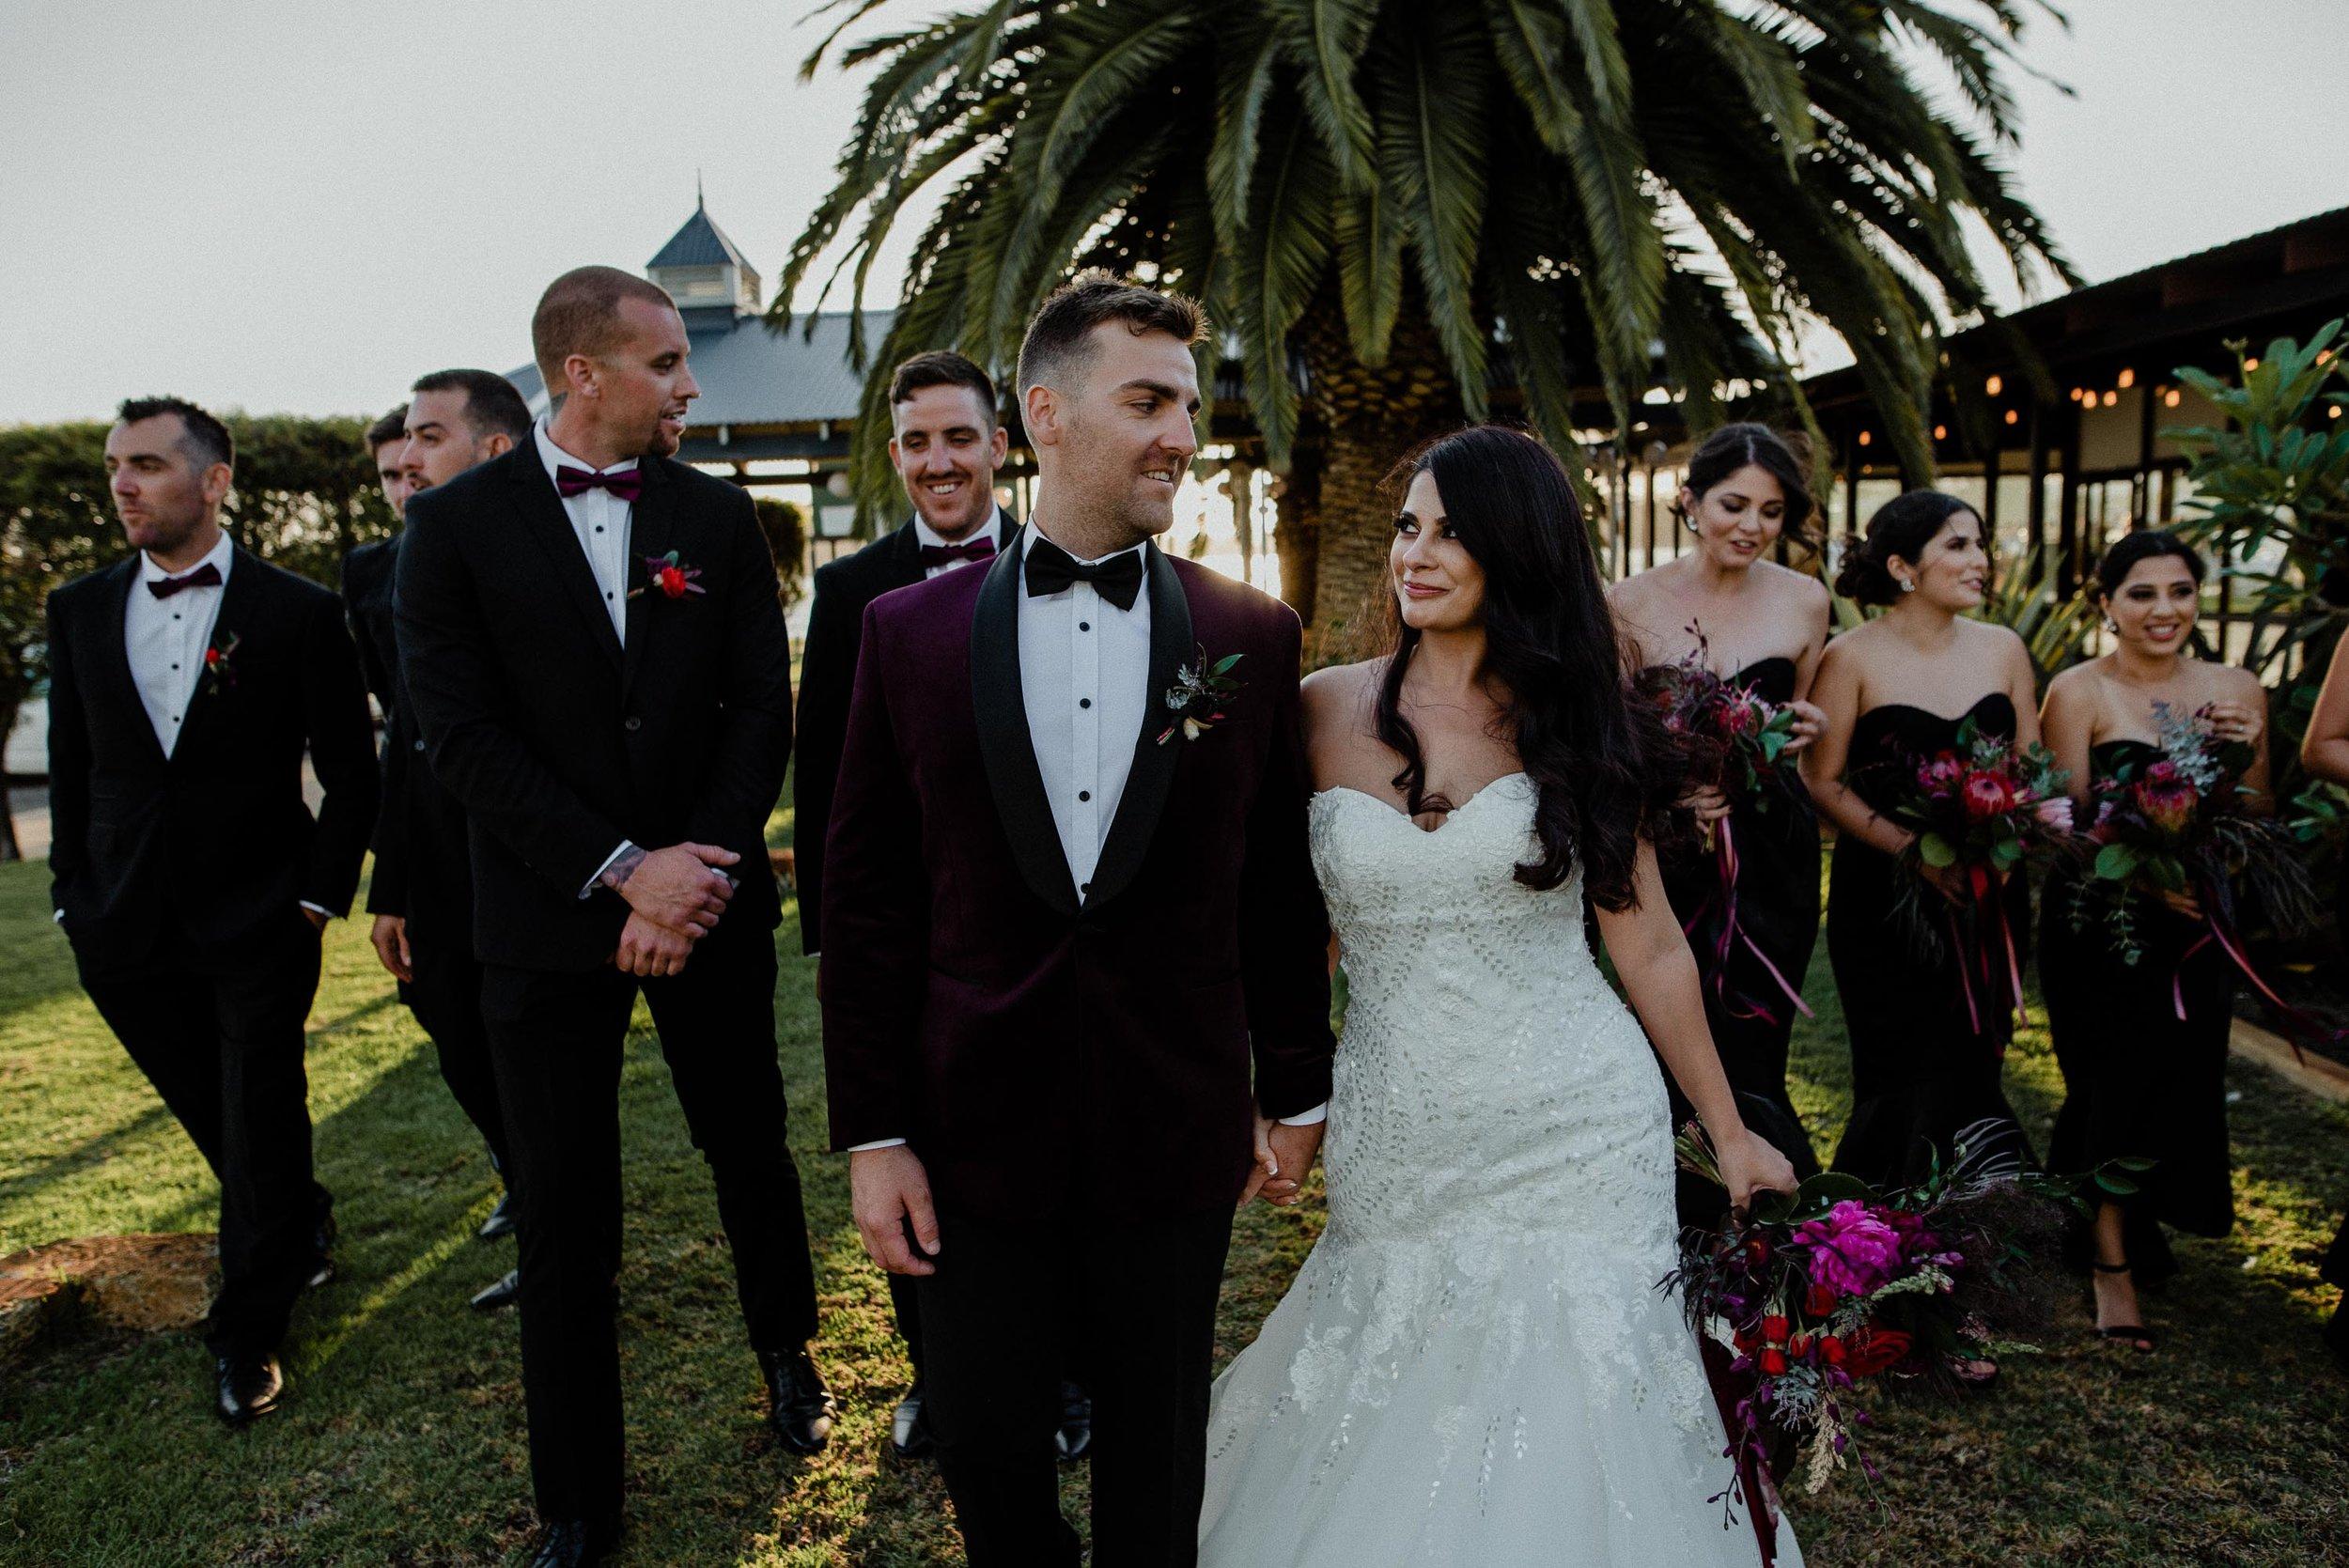 liz-adin-burswood-swan-wedding-sneaks-30.JPG